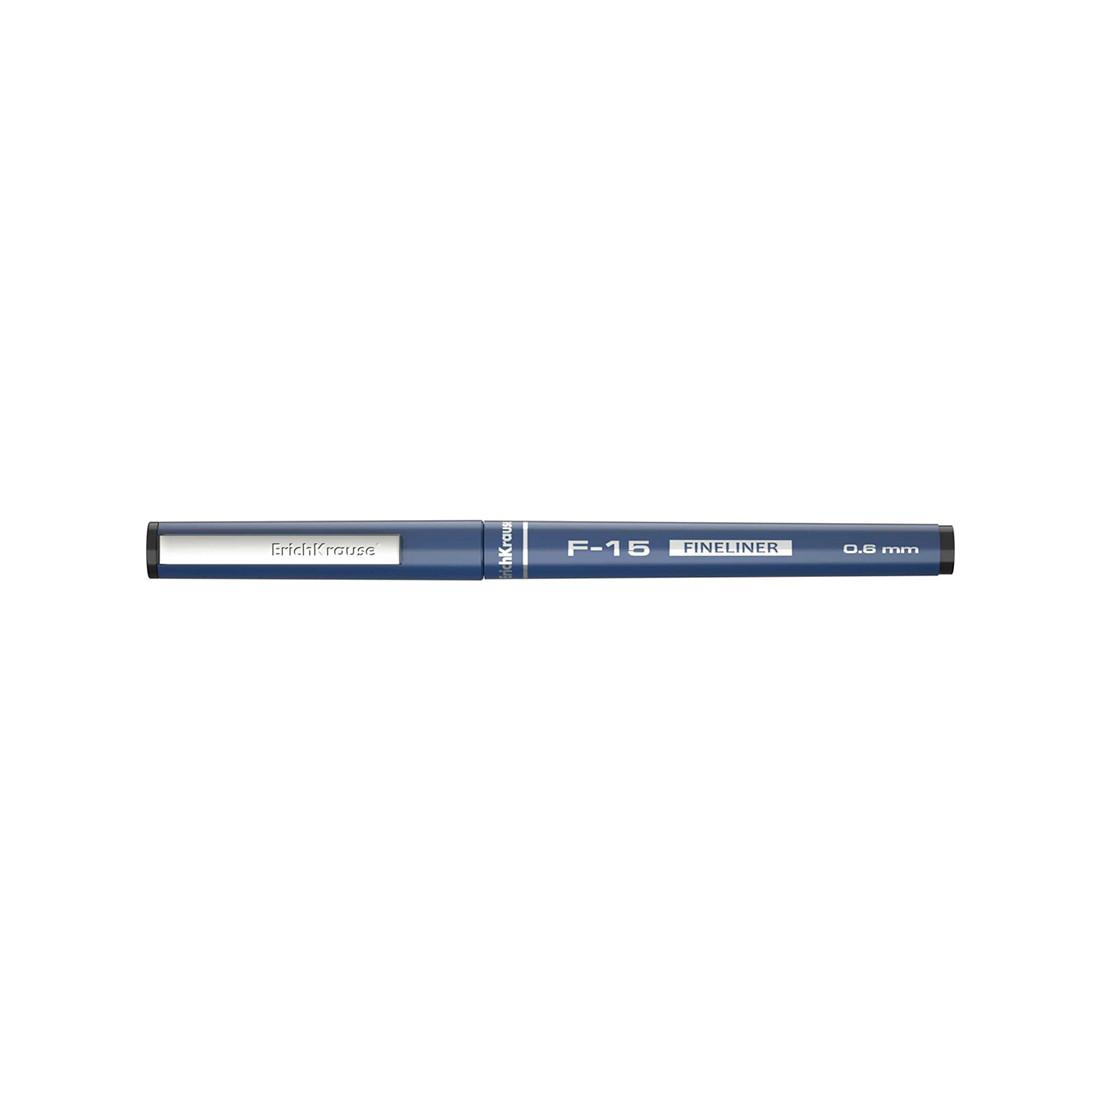 Ручка капиллярная ErichKrause® 37066 F-15 цвет чернил черный (упак./12 шт.)